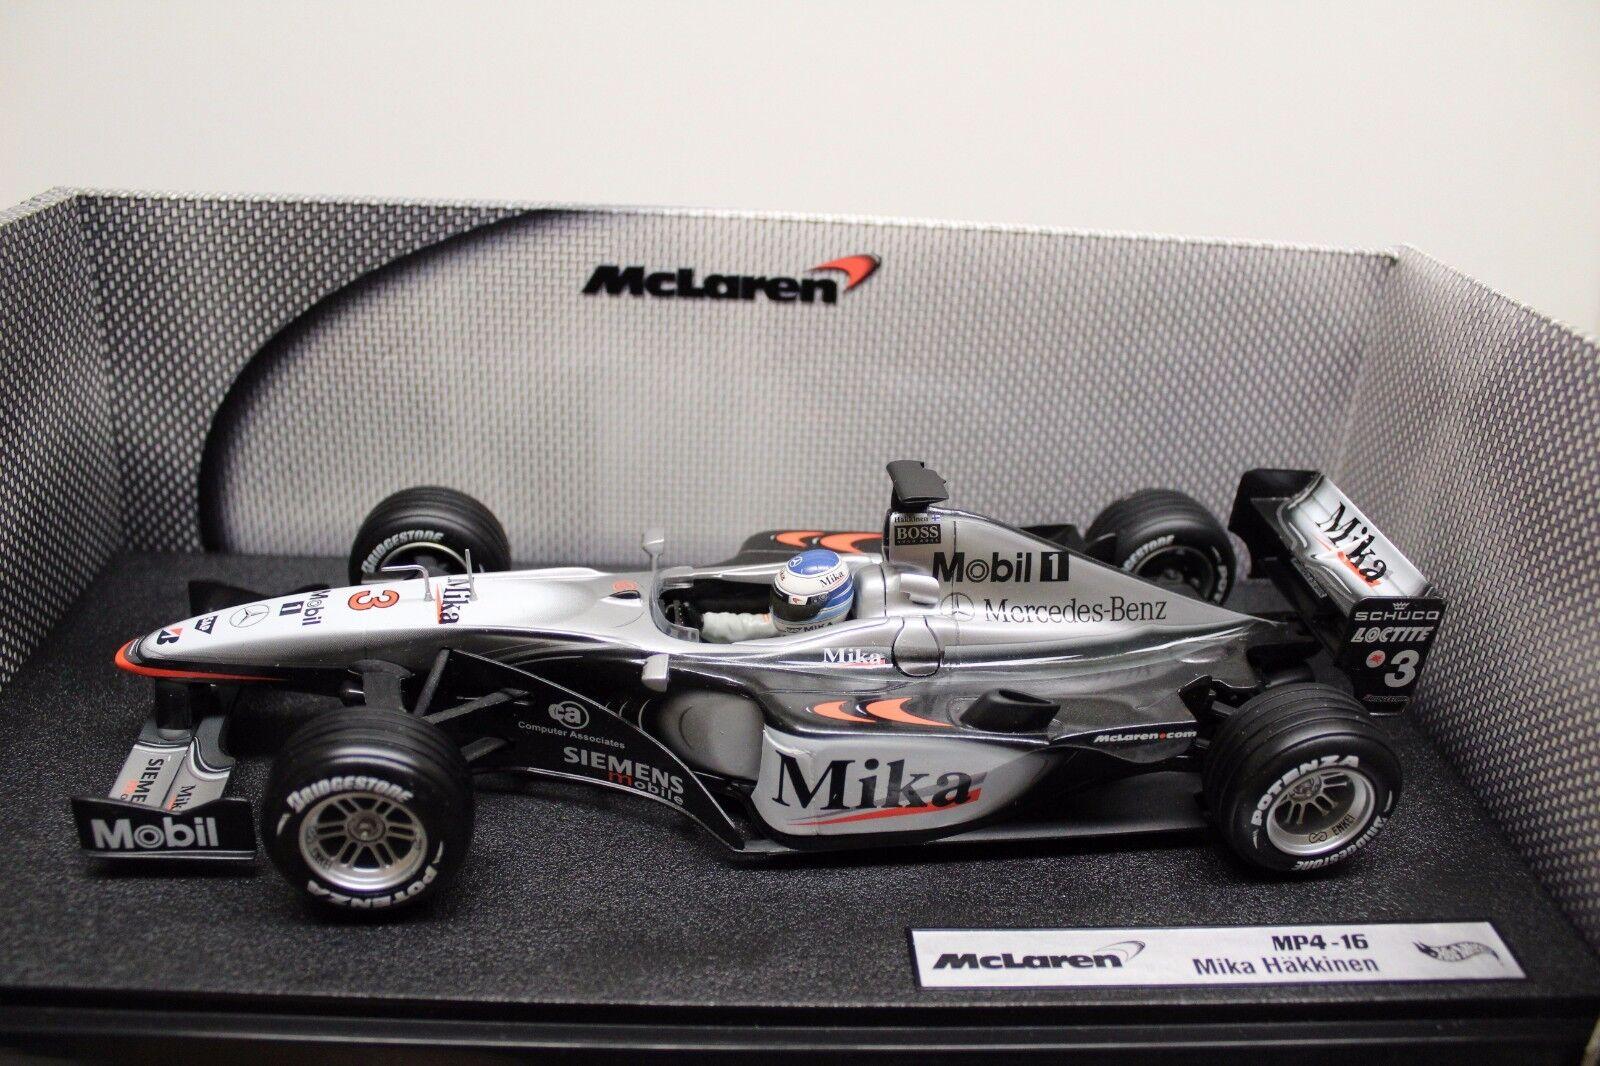 HotWheels 1:18 formula 1 McLaren Mercedes mp4-16 Mika Hakkinen BOXED OVP NUOVO